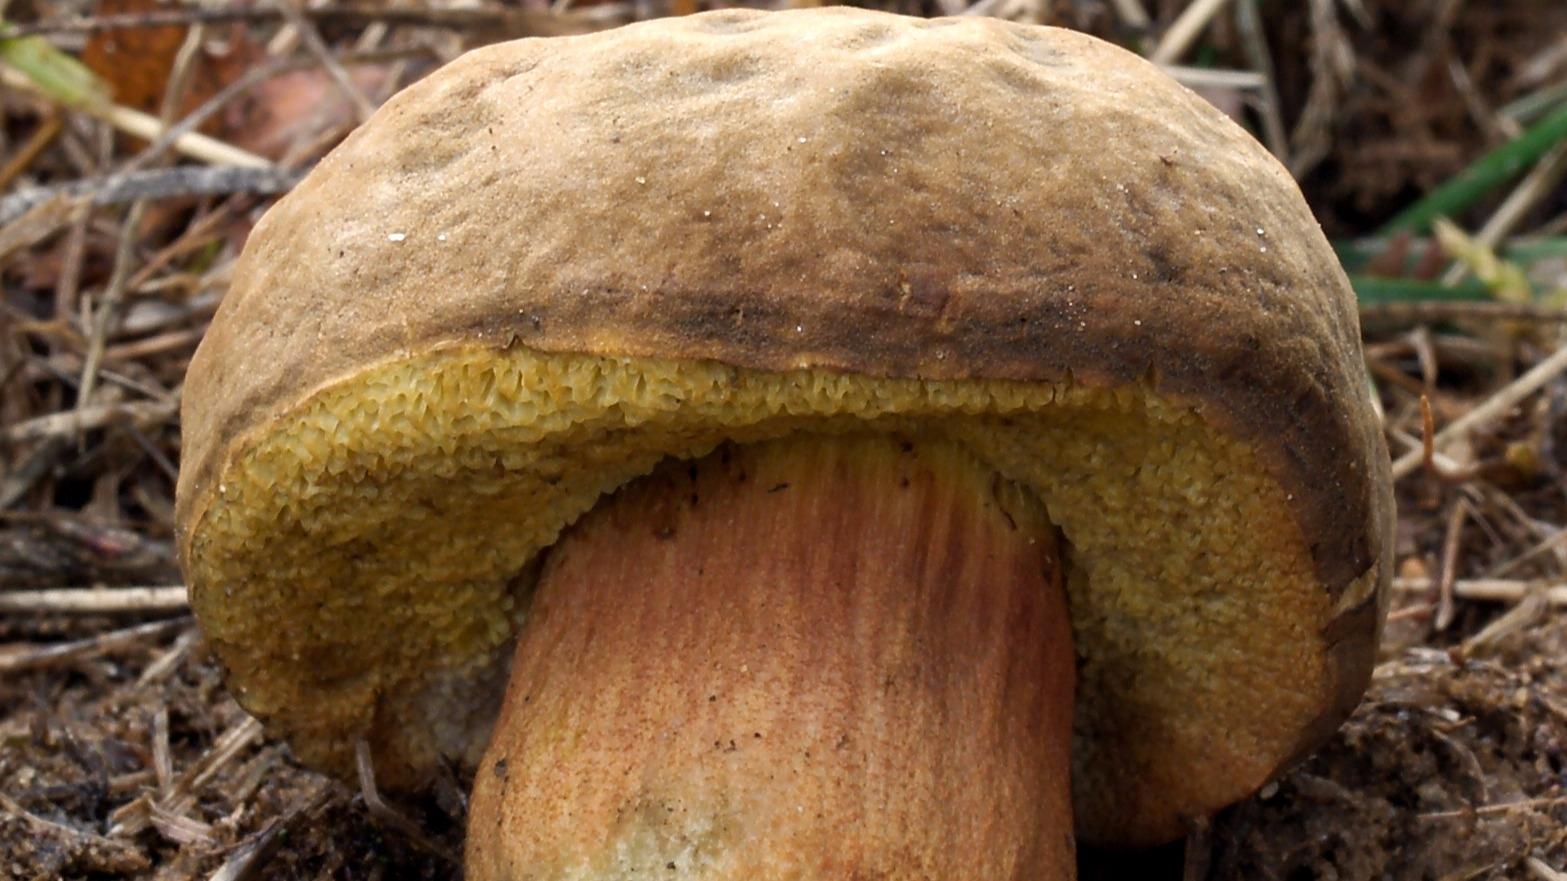 Představujeme dvě méně známé houby: Pozoruhodný hřib Engelův a nenápadný hřib peprný